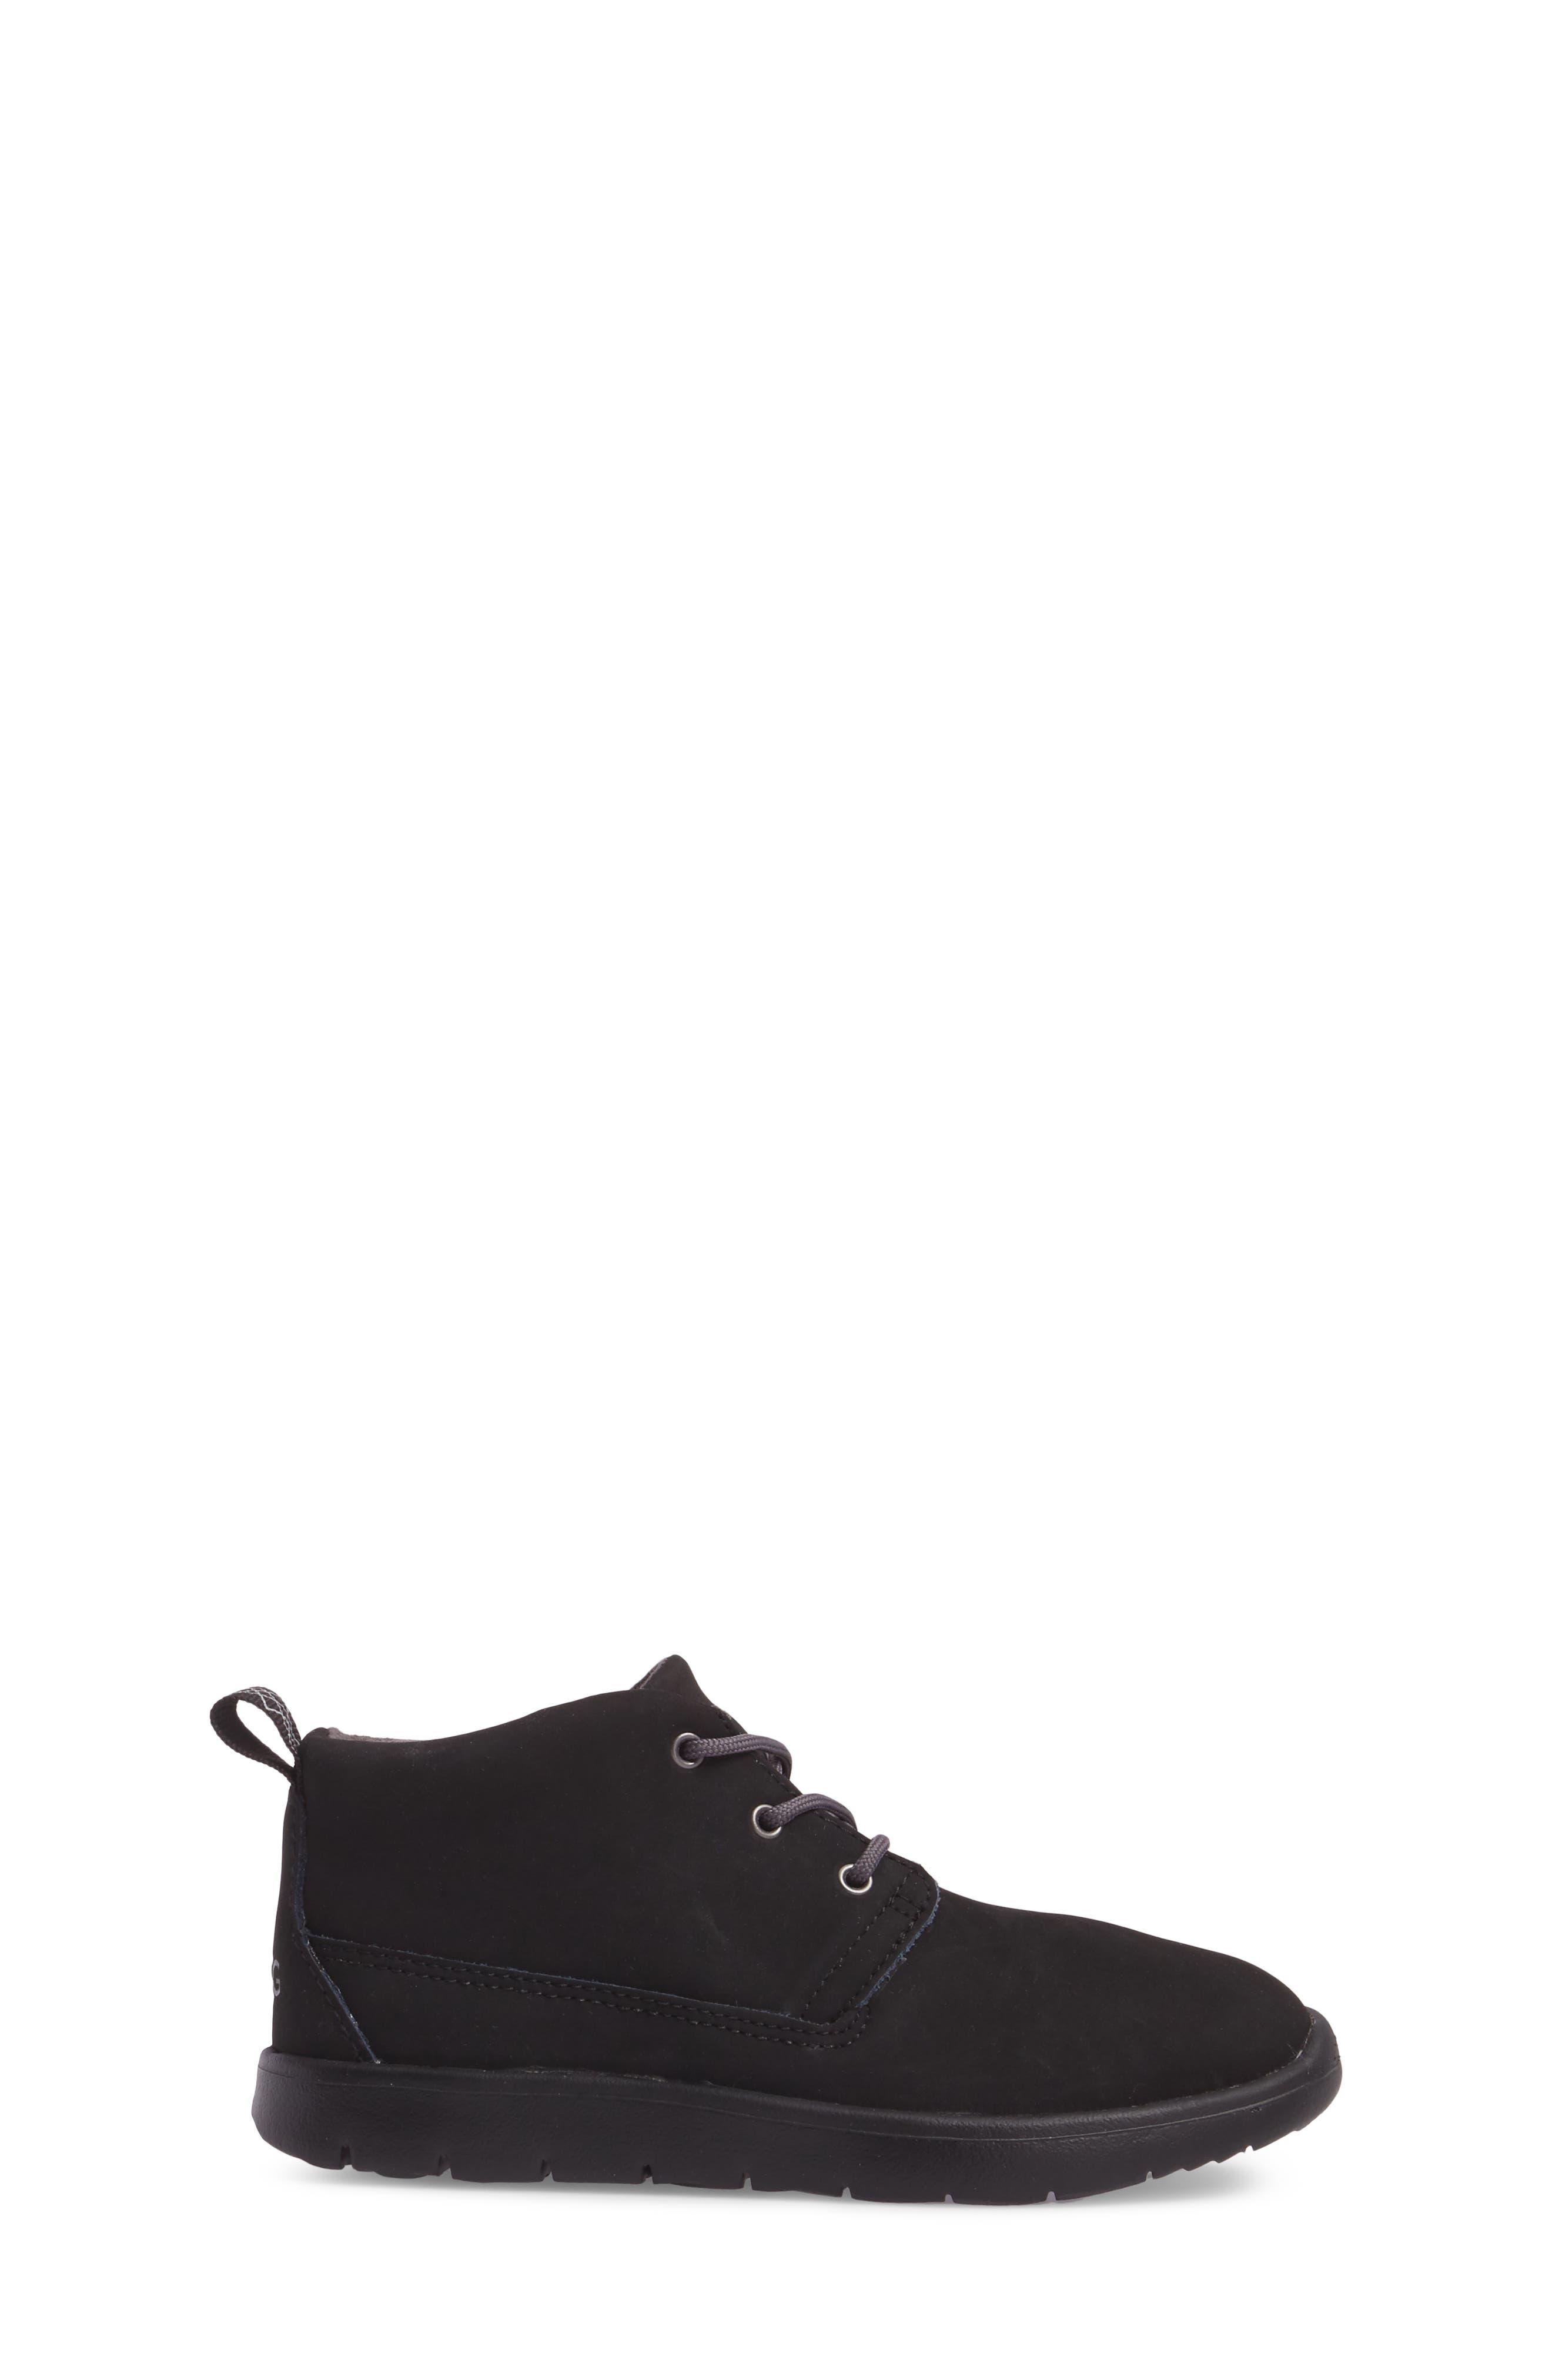 Canoe Water Resistant Chukka Sneaker,                             Alternate thumbnail 3, color,                             Black